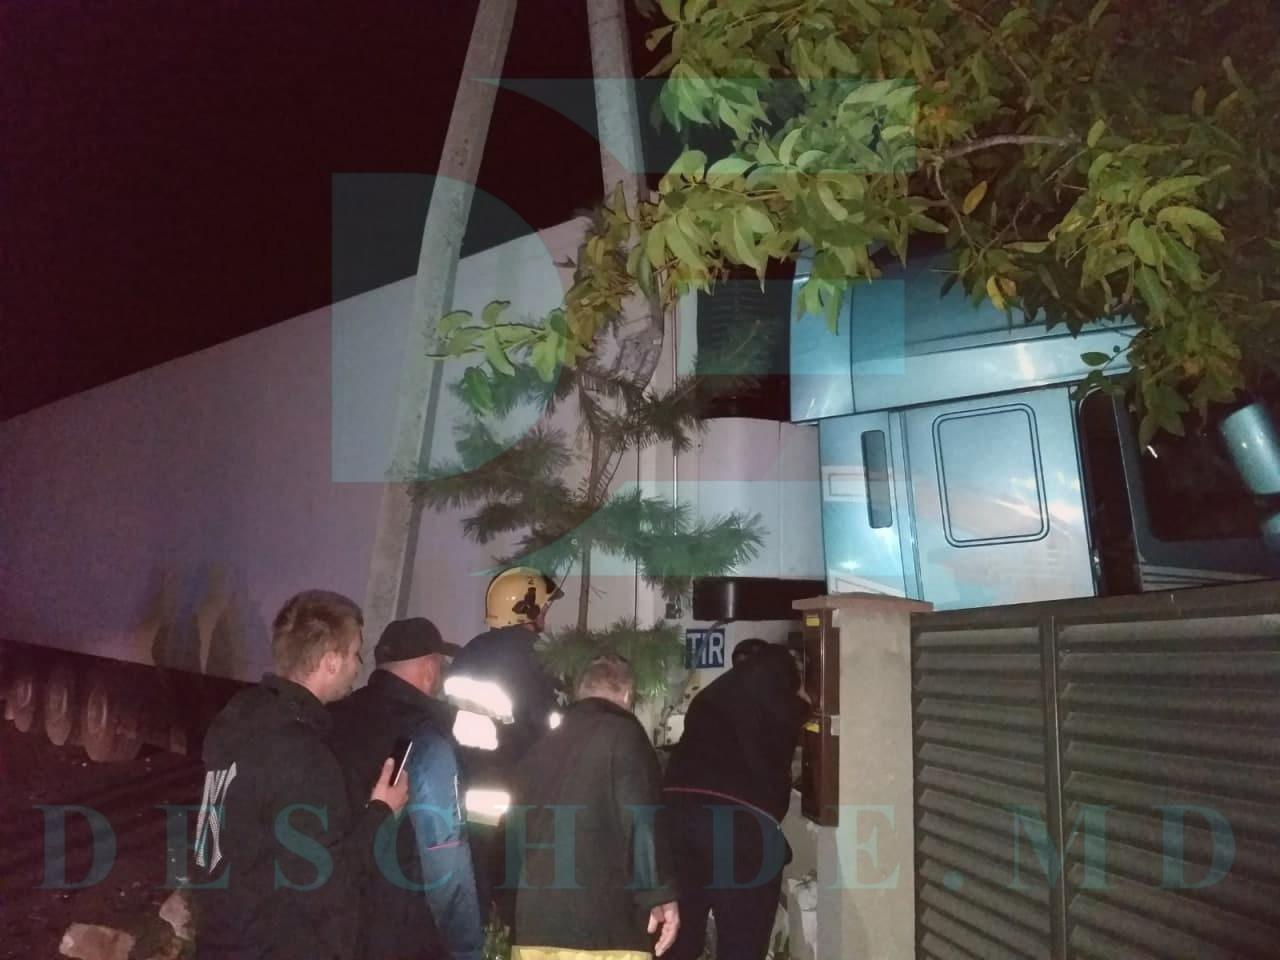 Пьяный водитель влетел на фуре в частный дом